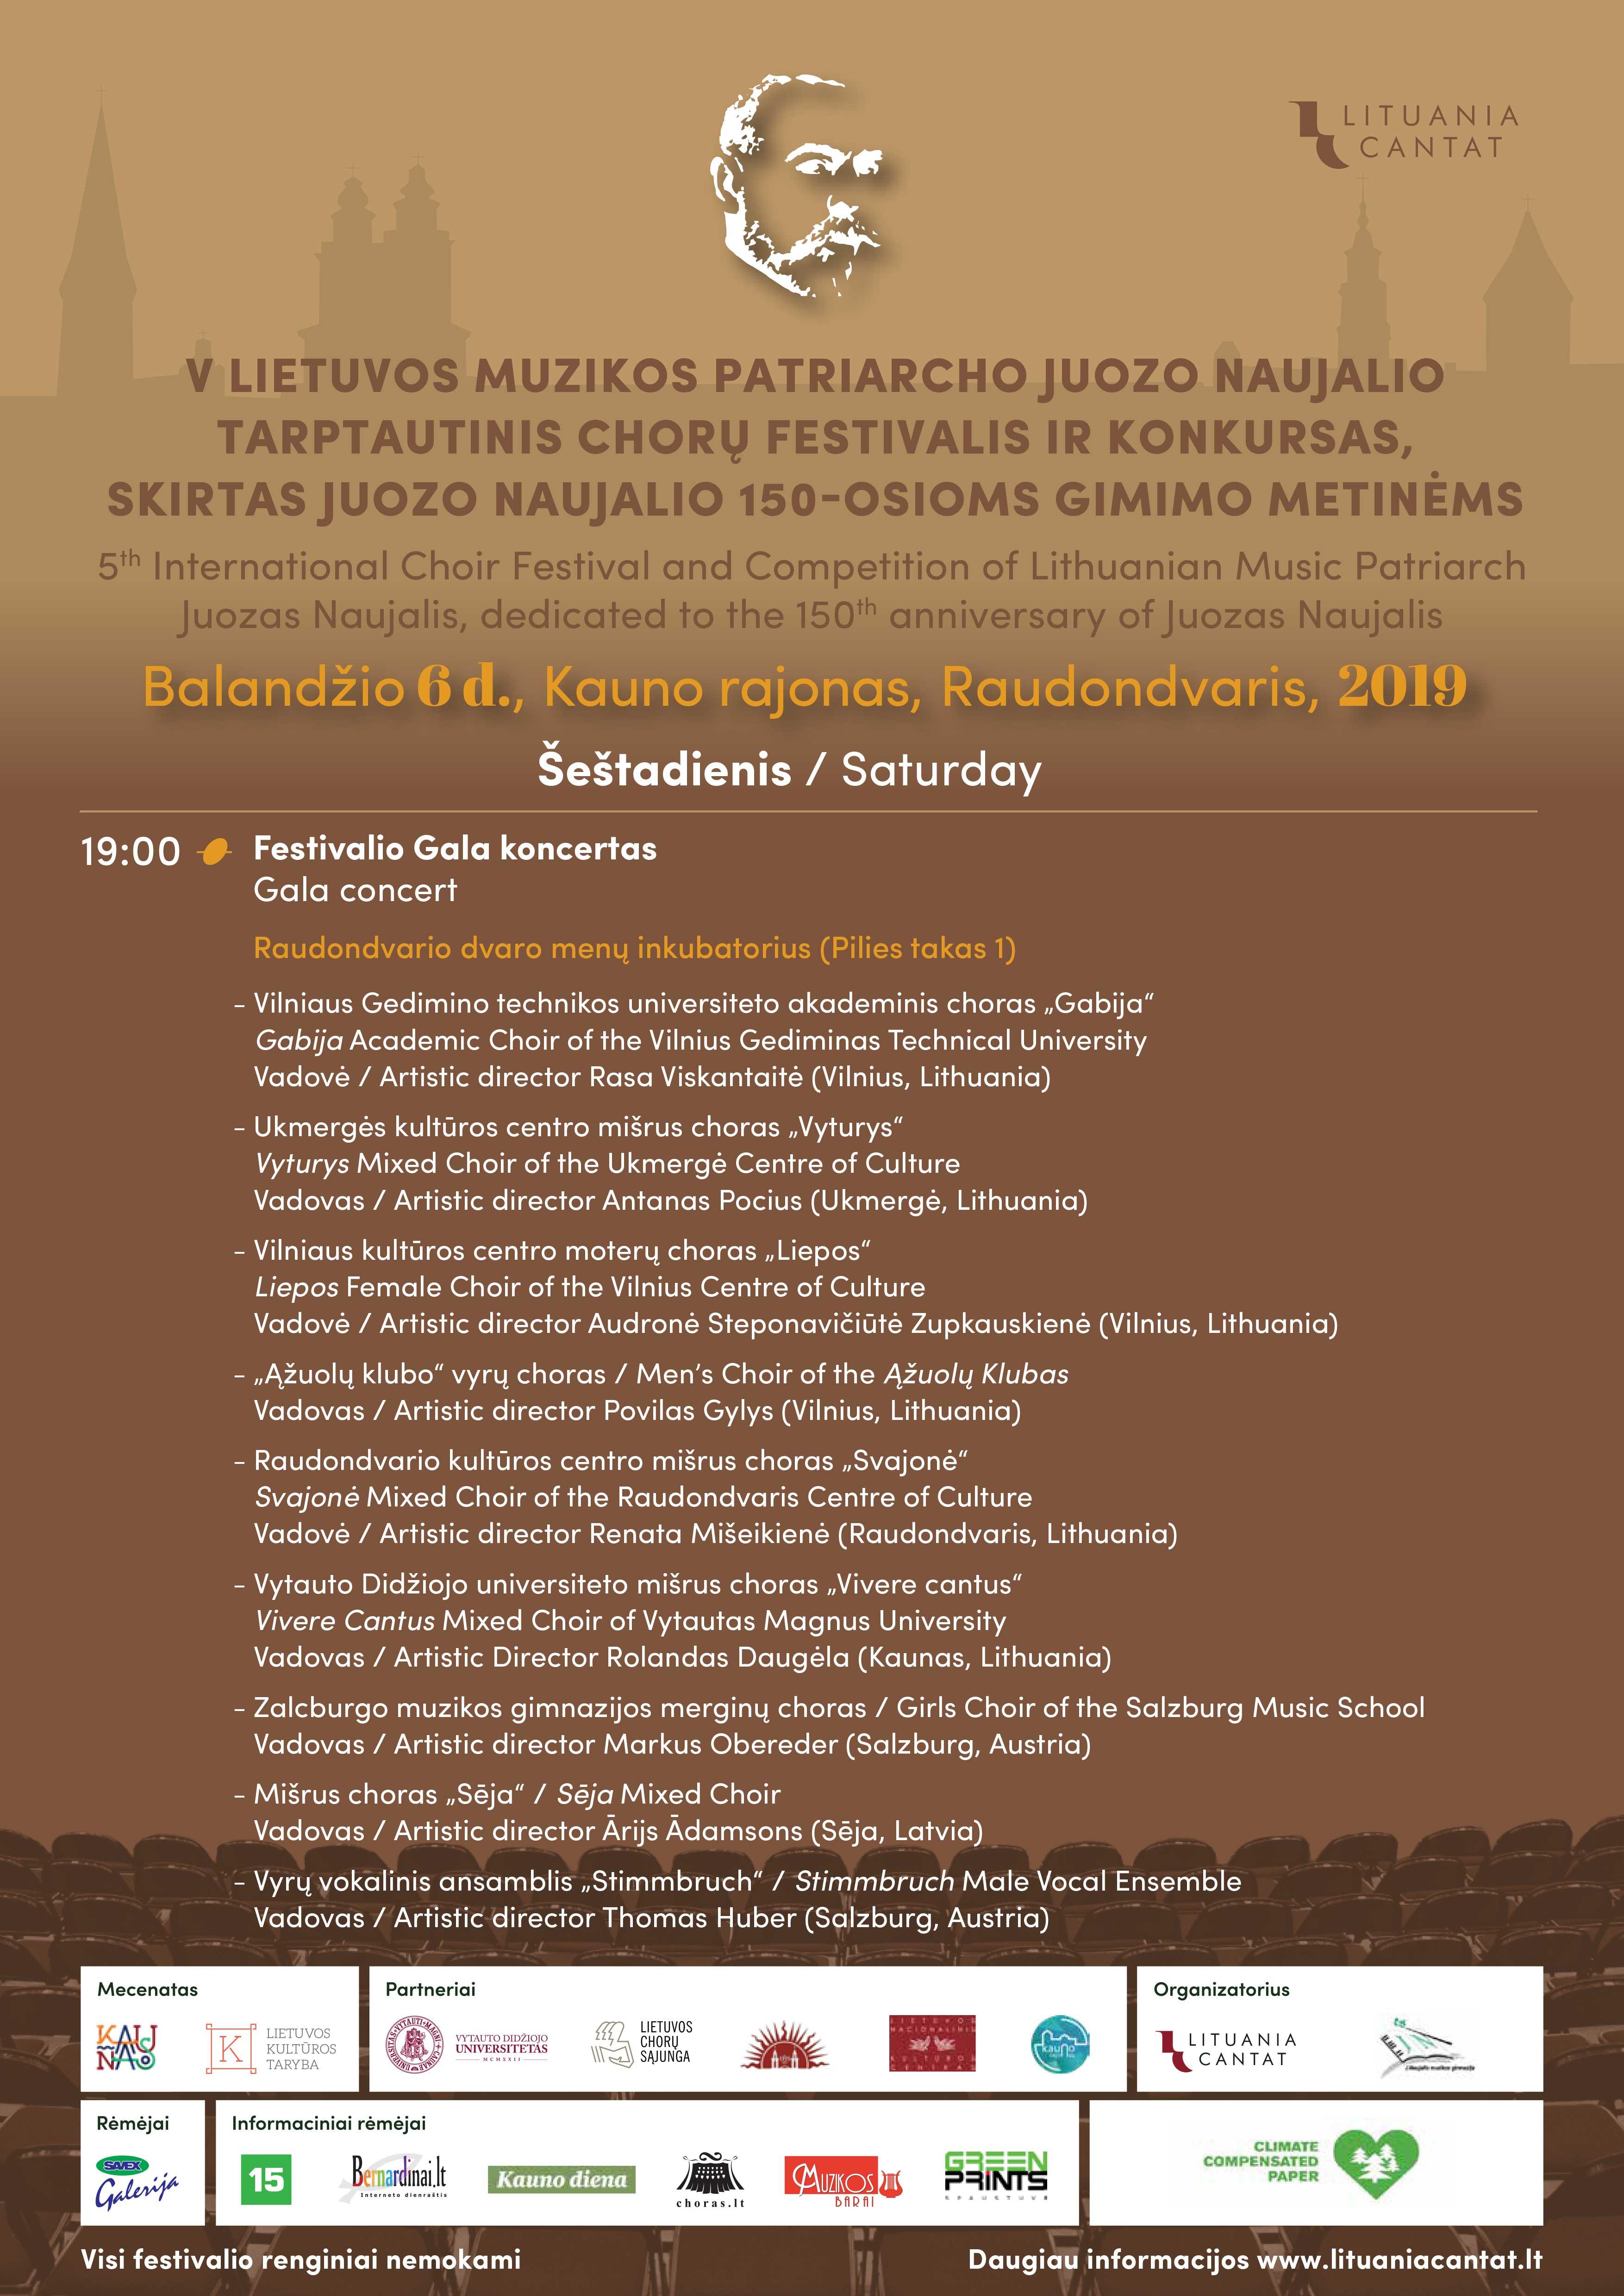 V-ojo Lietuvos muzikos patriarcho Juozo Naujalio chorų tarptautinio festivalio koncertas